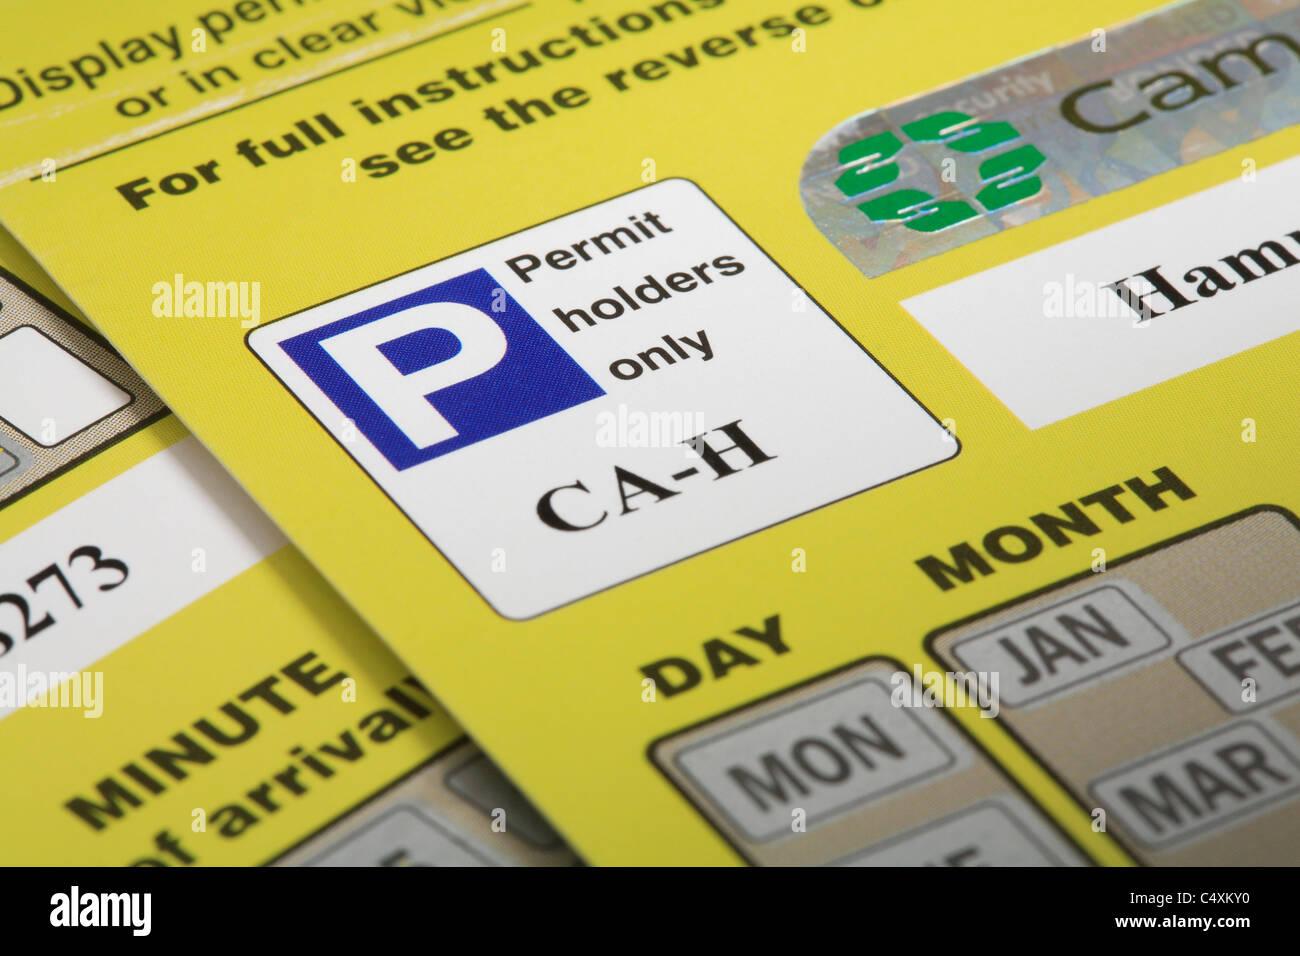 Car Parking Permit Cardiff